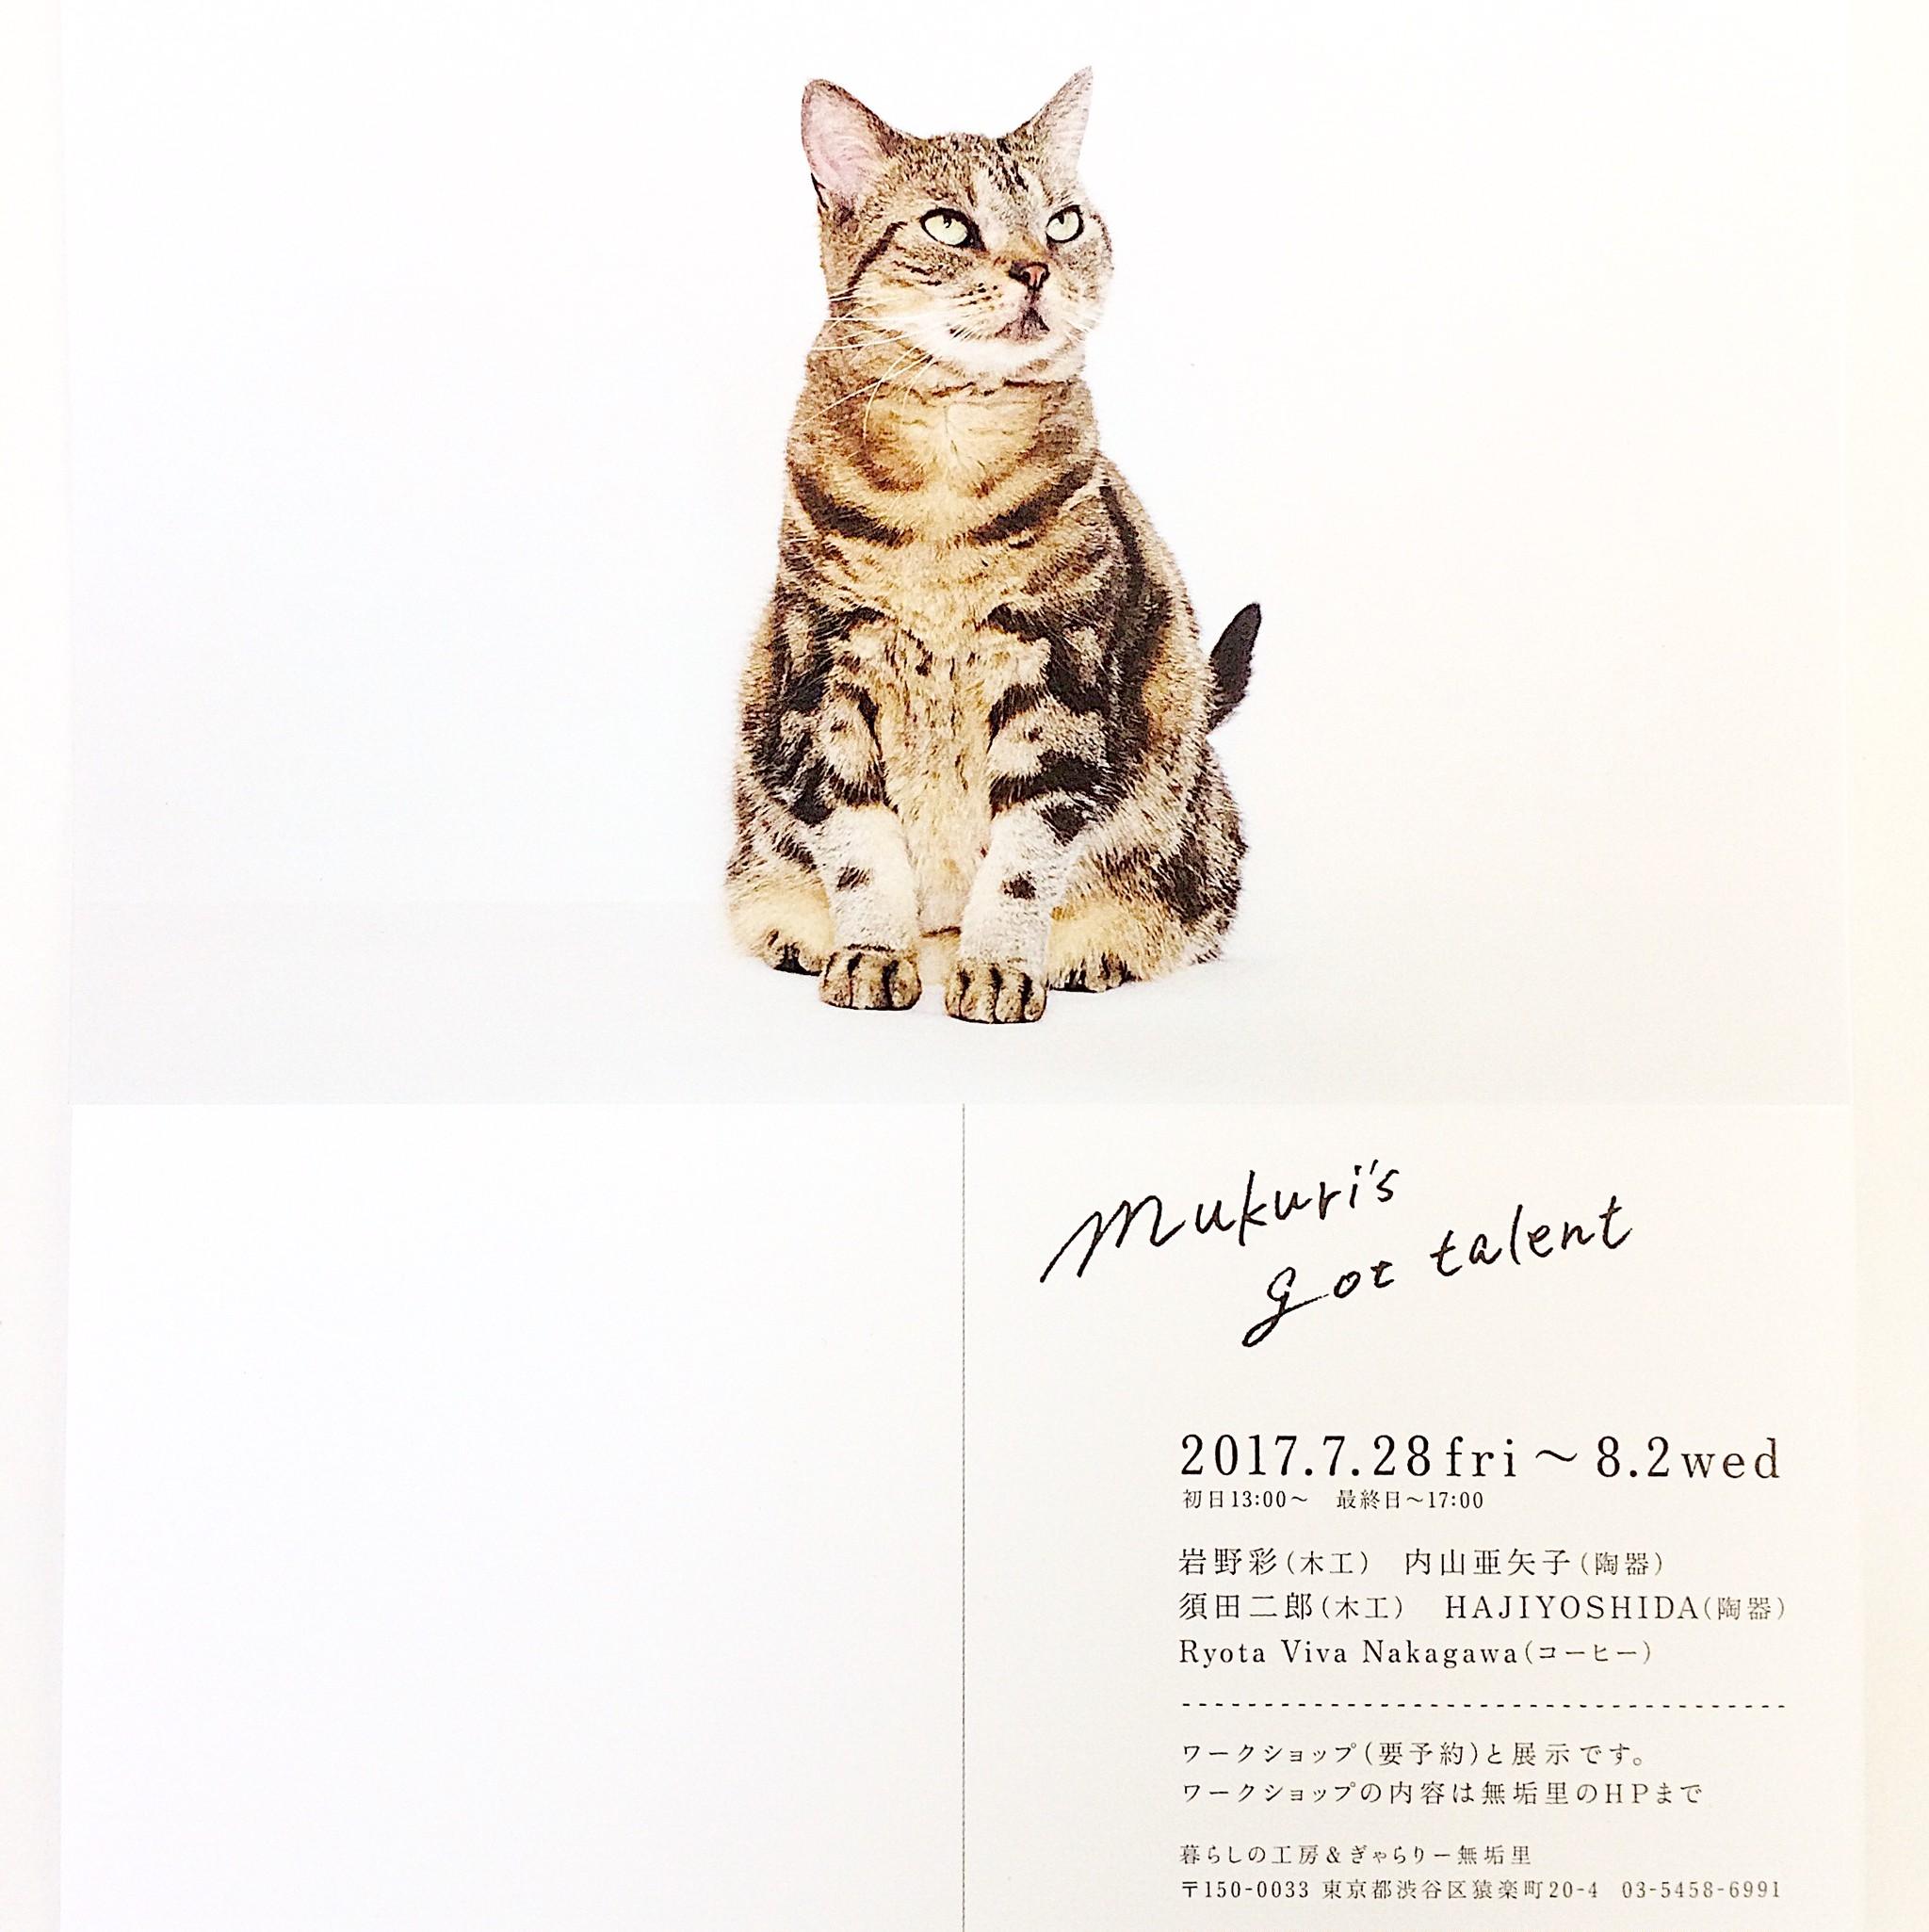 7/28〜8/2代官山のギャラリー無垢里にて展示します!